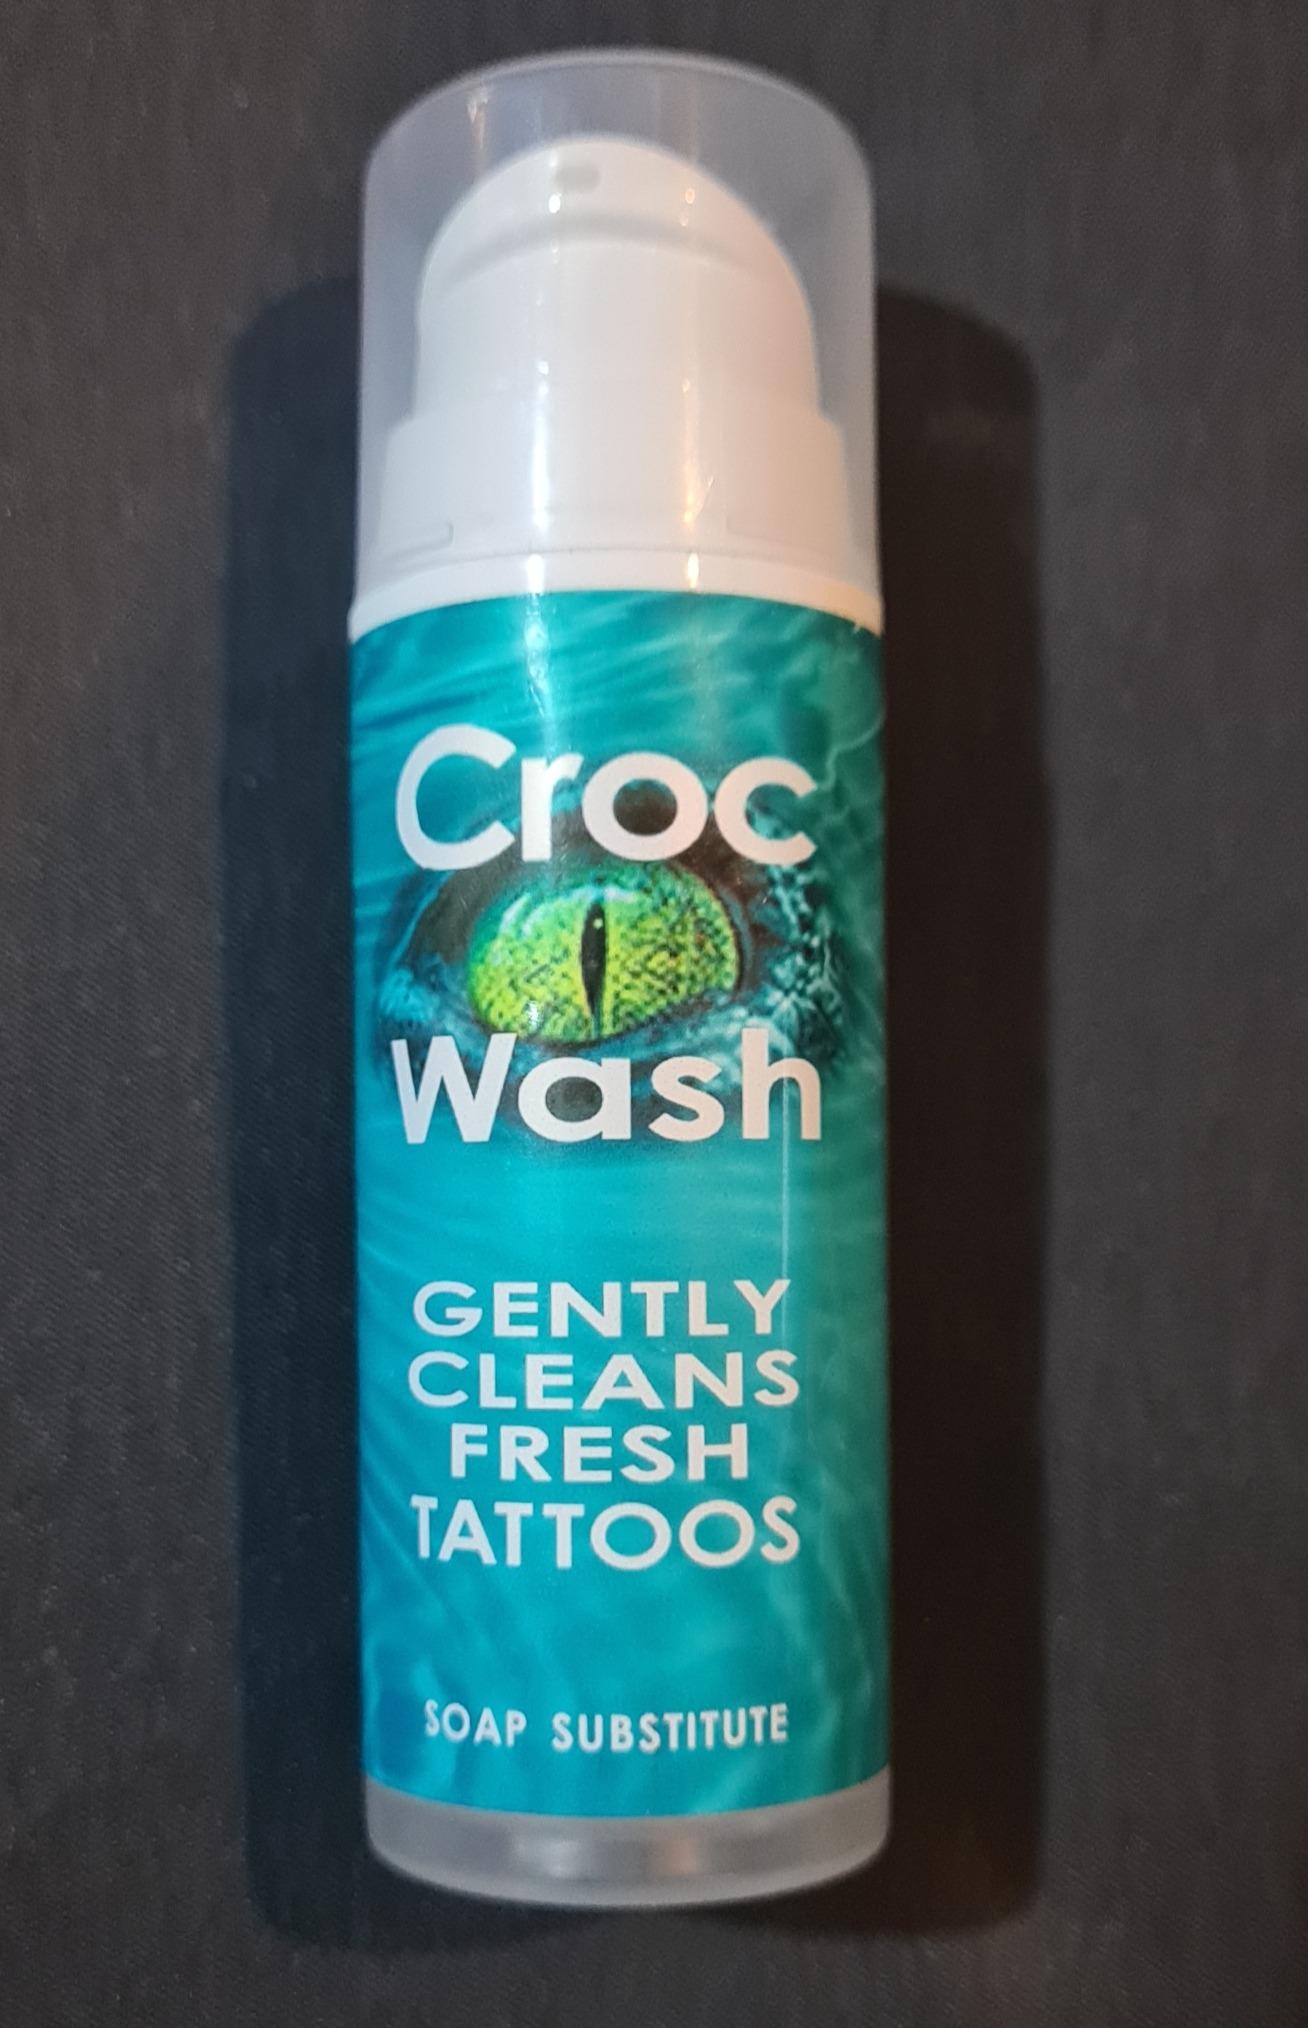 Croc Wash